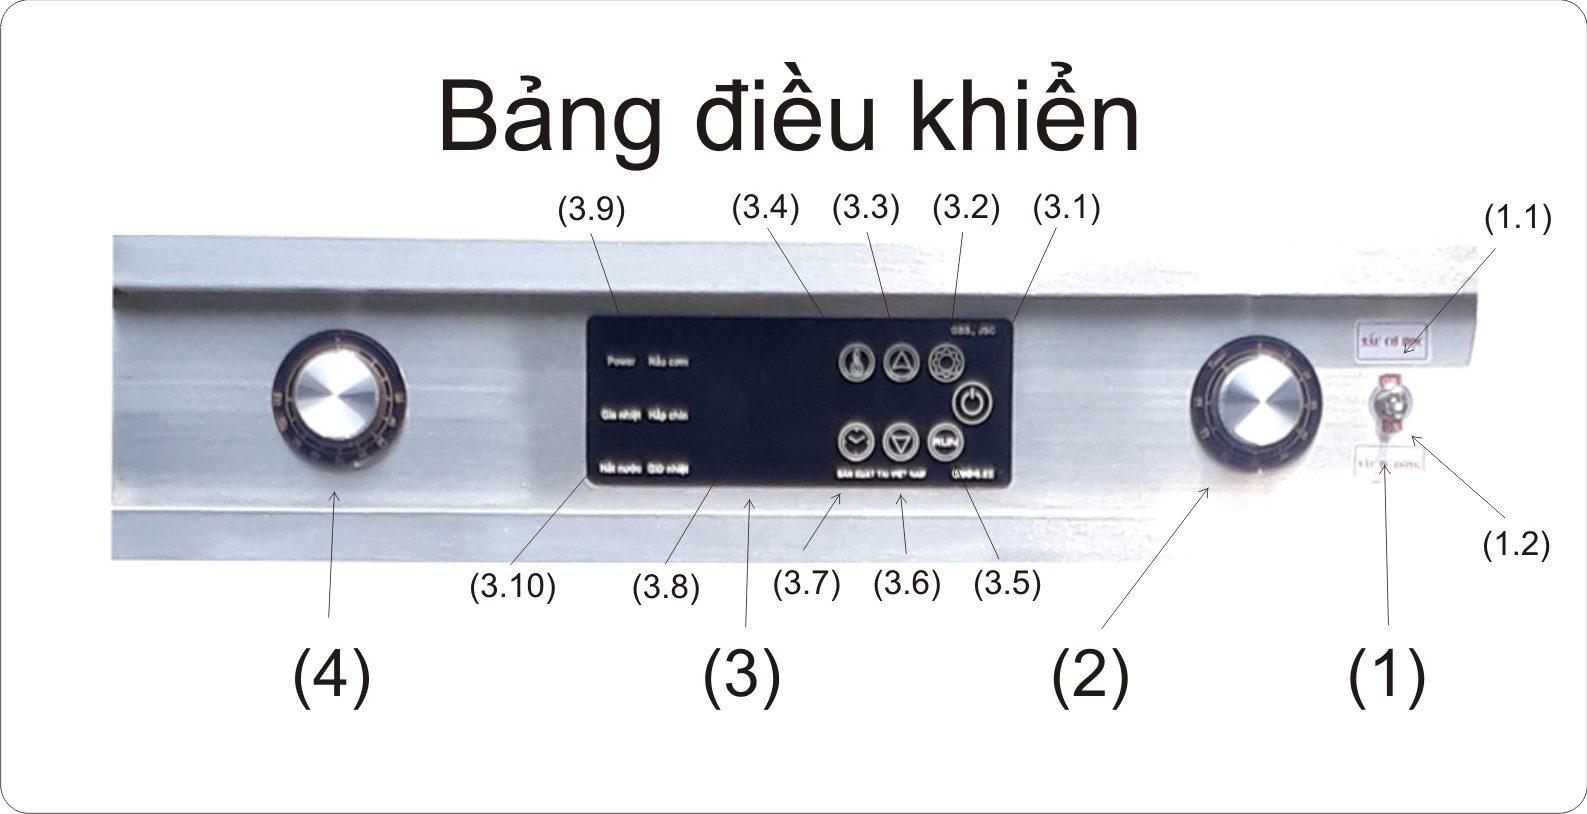 Bảng điều khiển điện tử